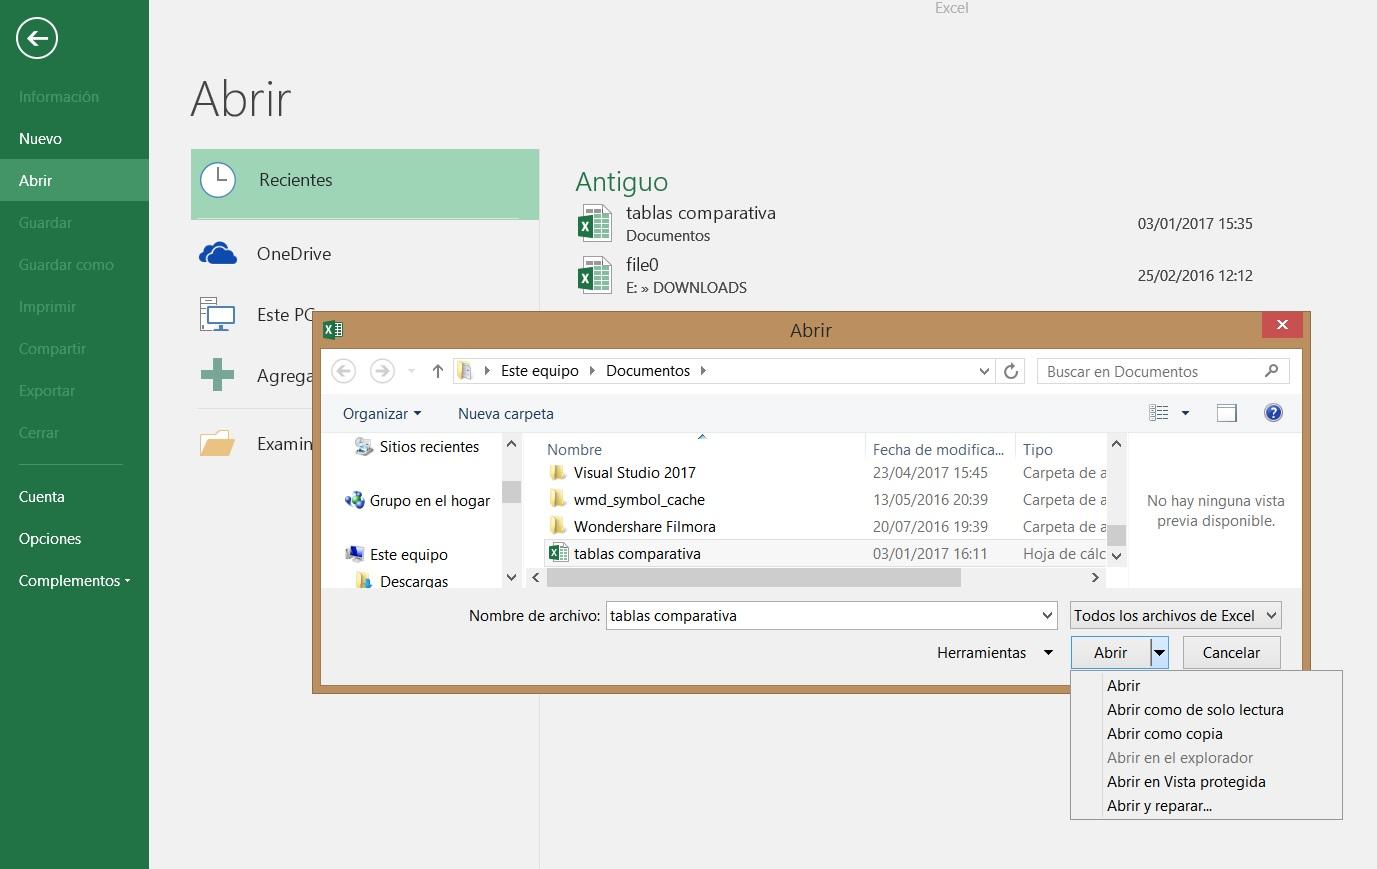 Cómo abrir un archivo de Excel dañado